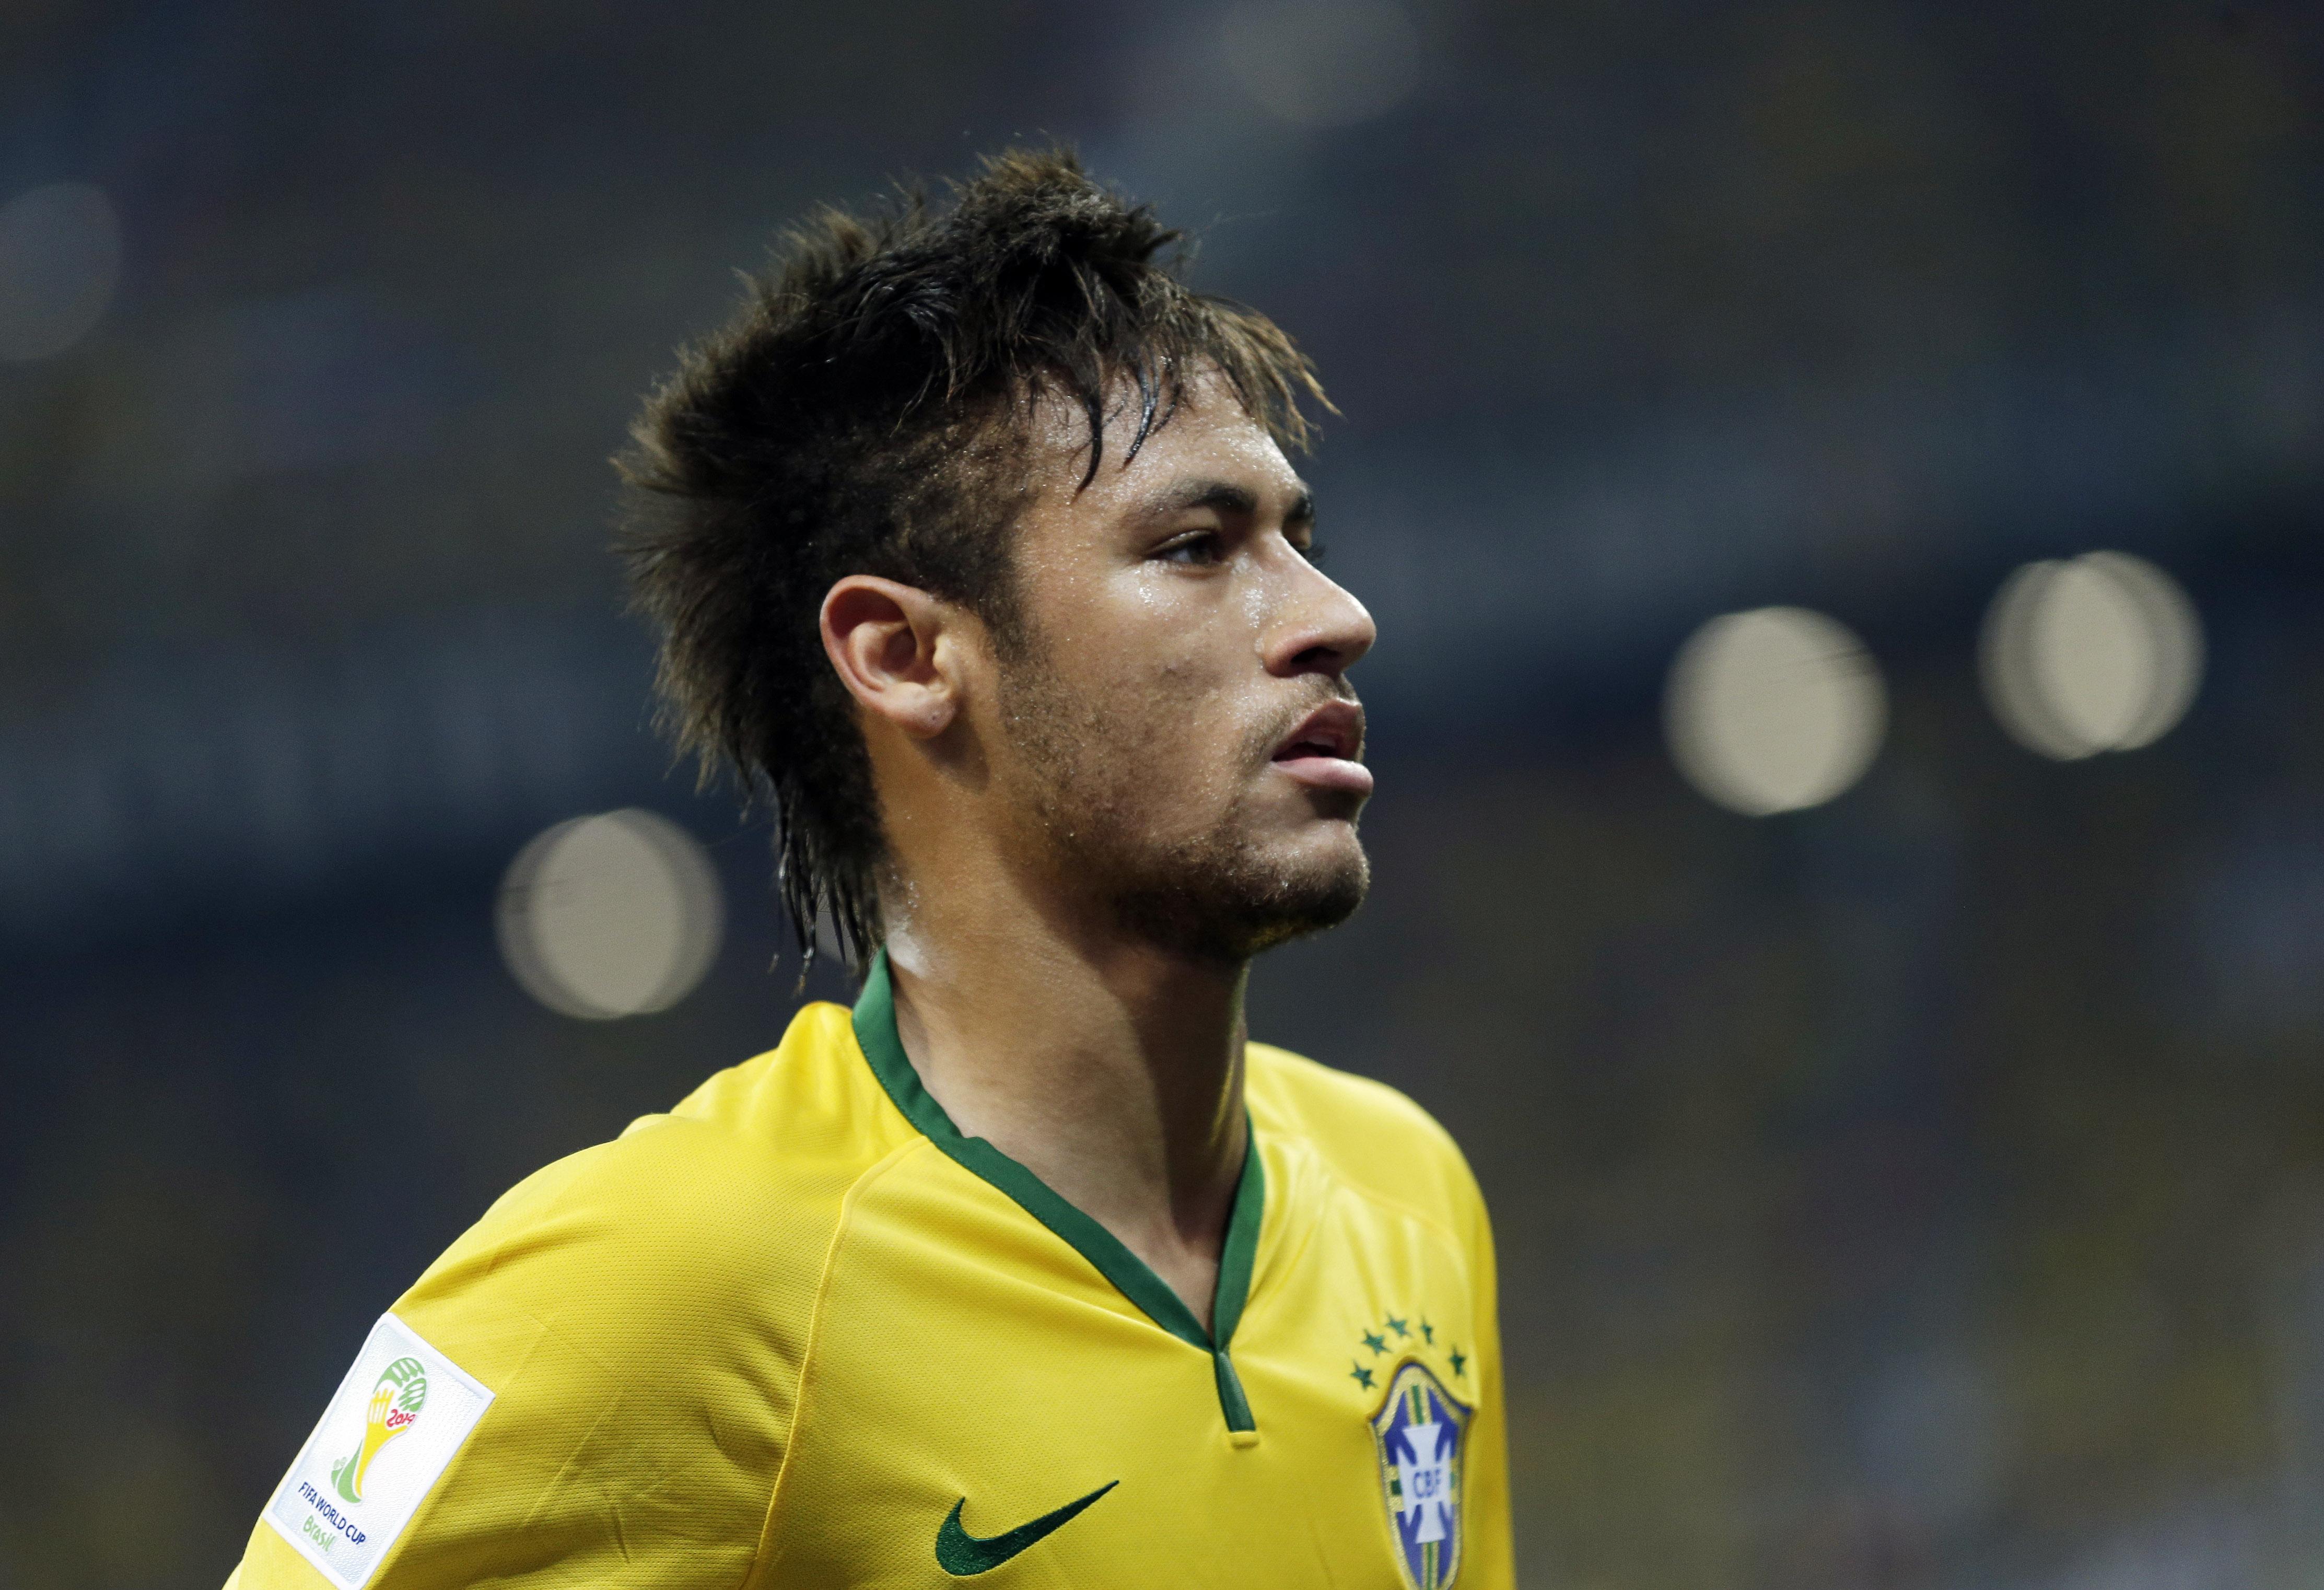 Neymar de Brasil - 4449x3044